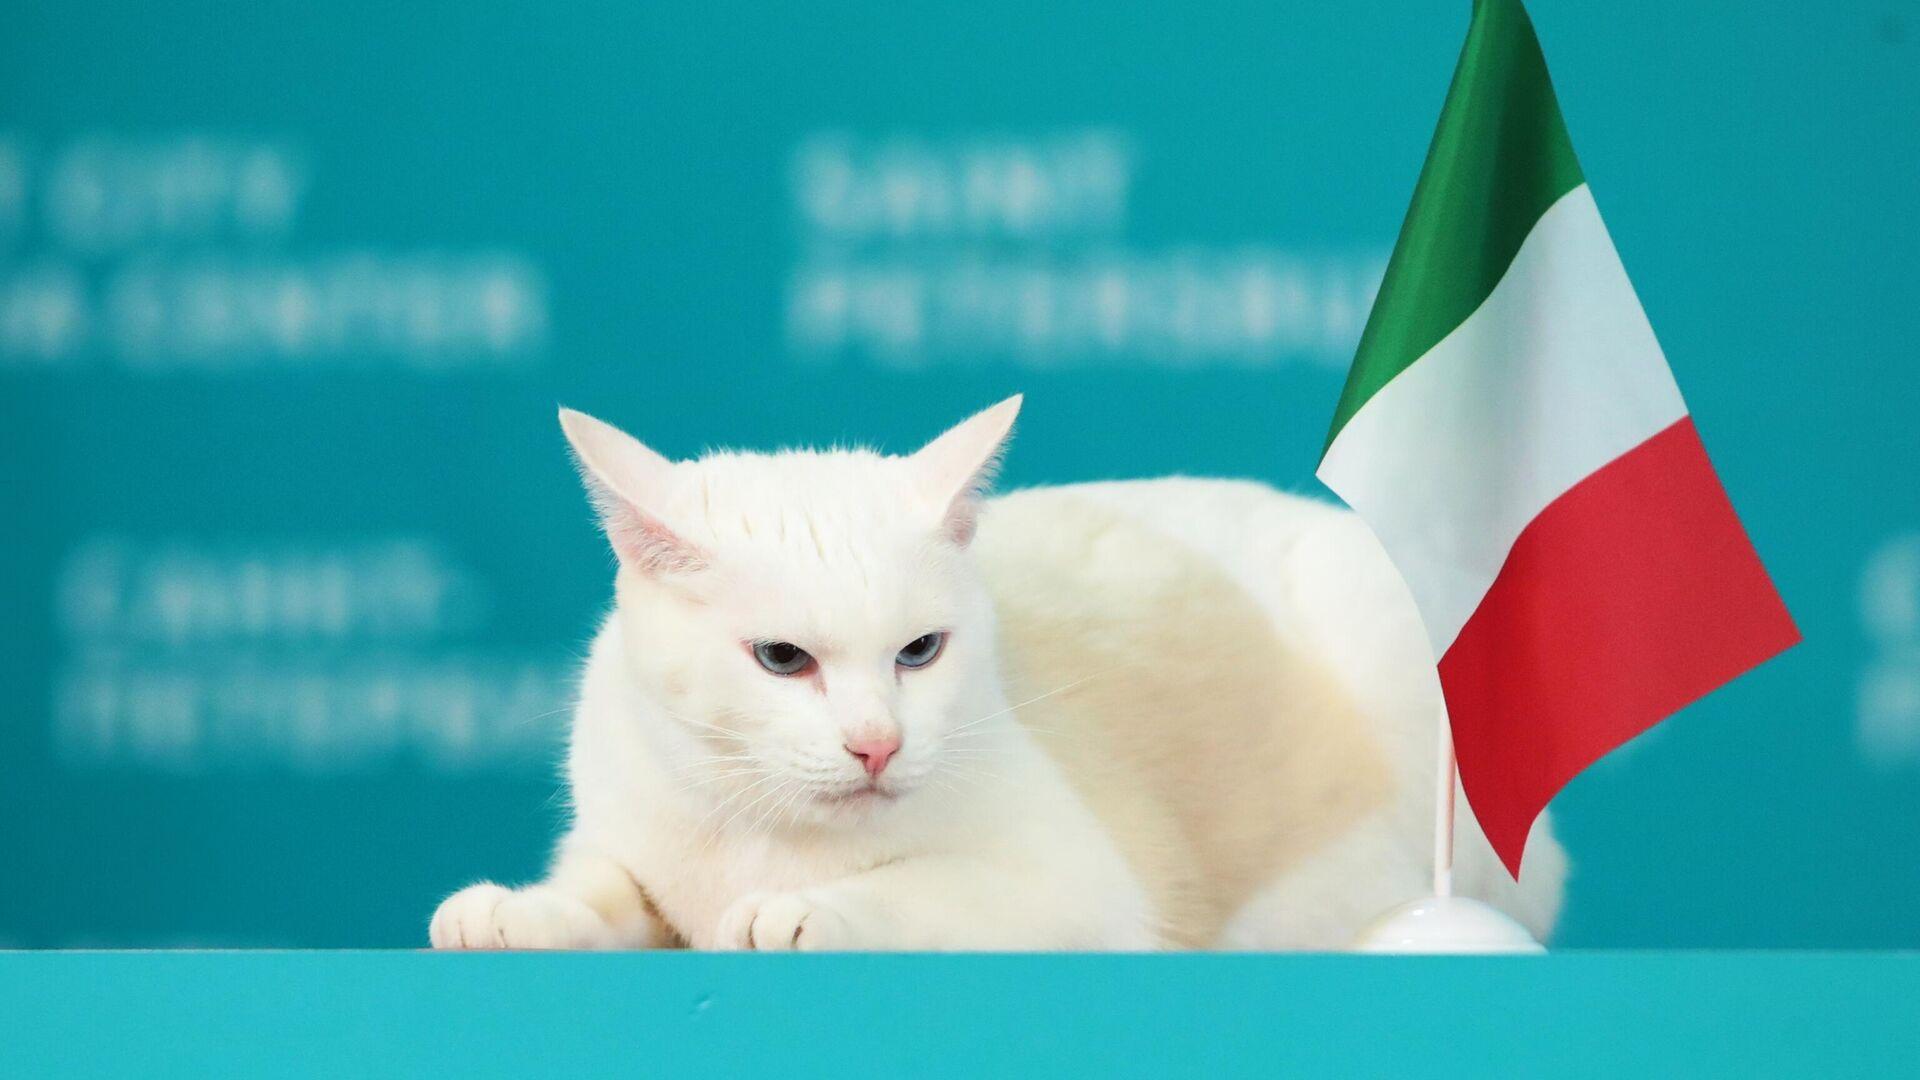 Il gatto Achille pronostica la vittoria dell'Italia - Sputnik Italia, 1920, 11.06.2021